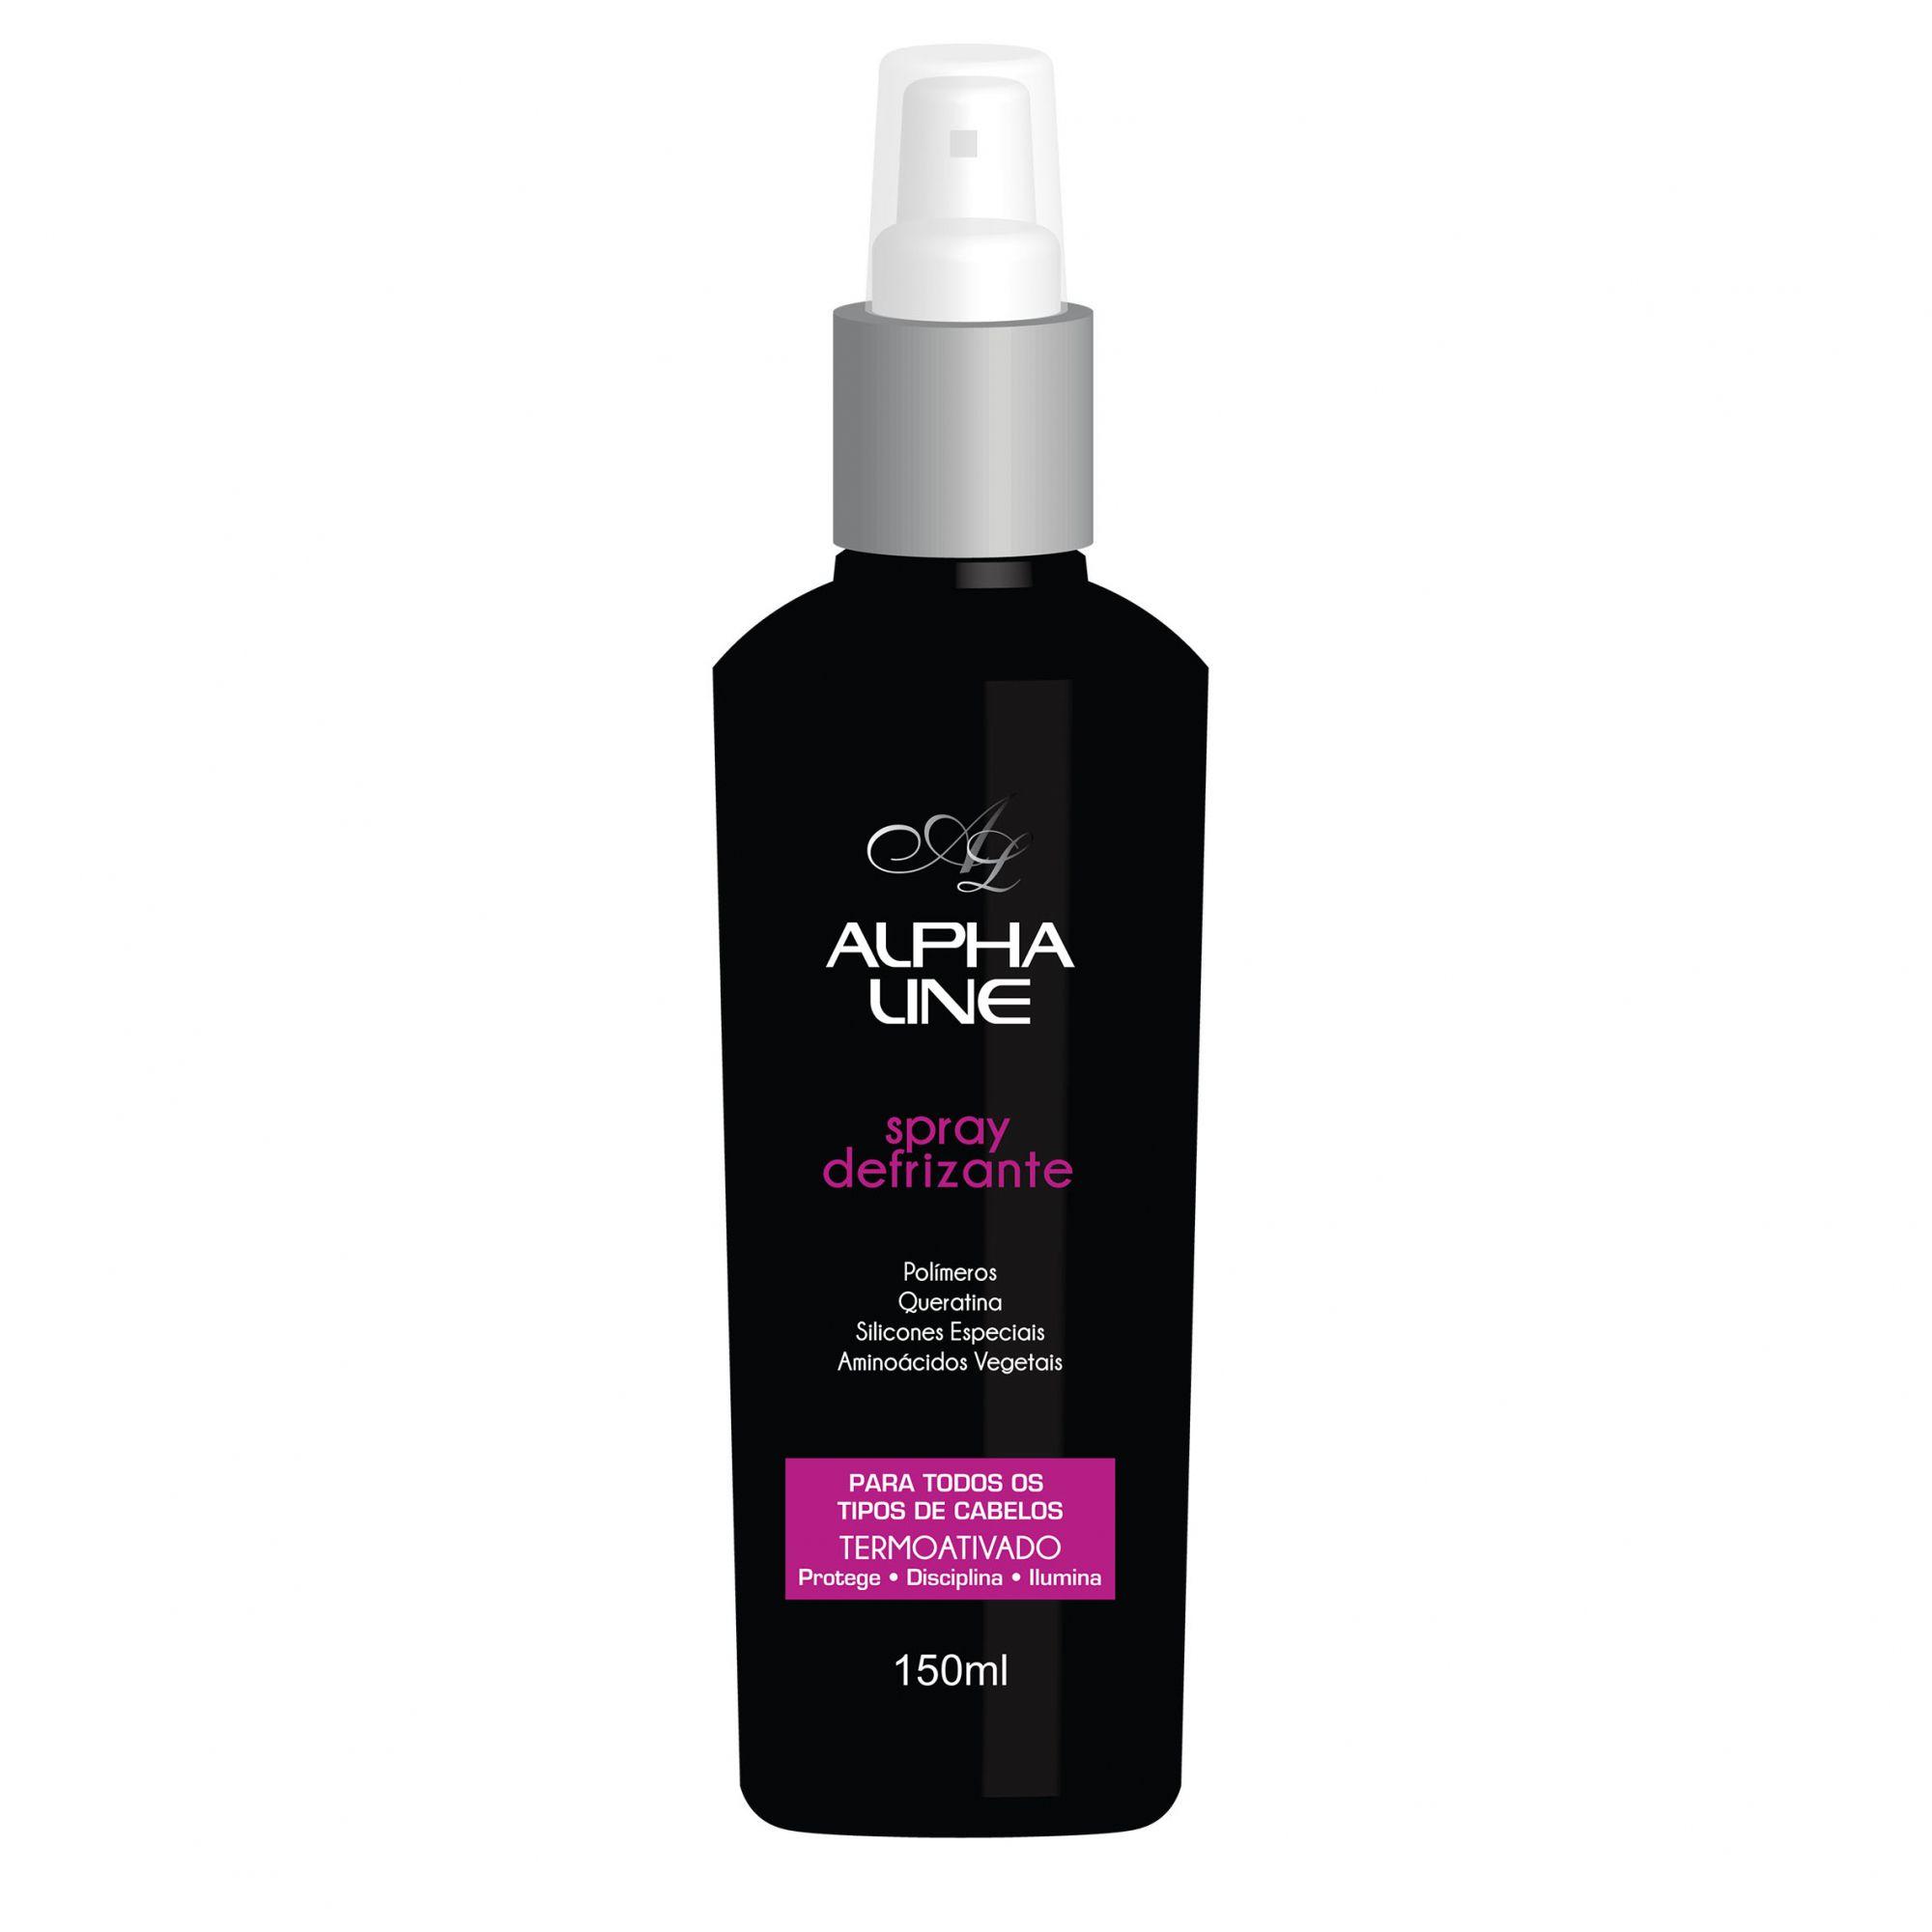 Spray Defrizante 150ml Alpha Line